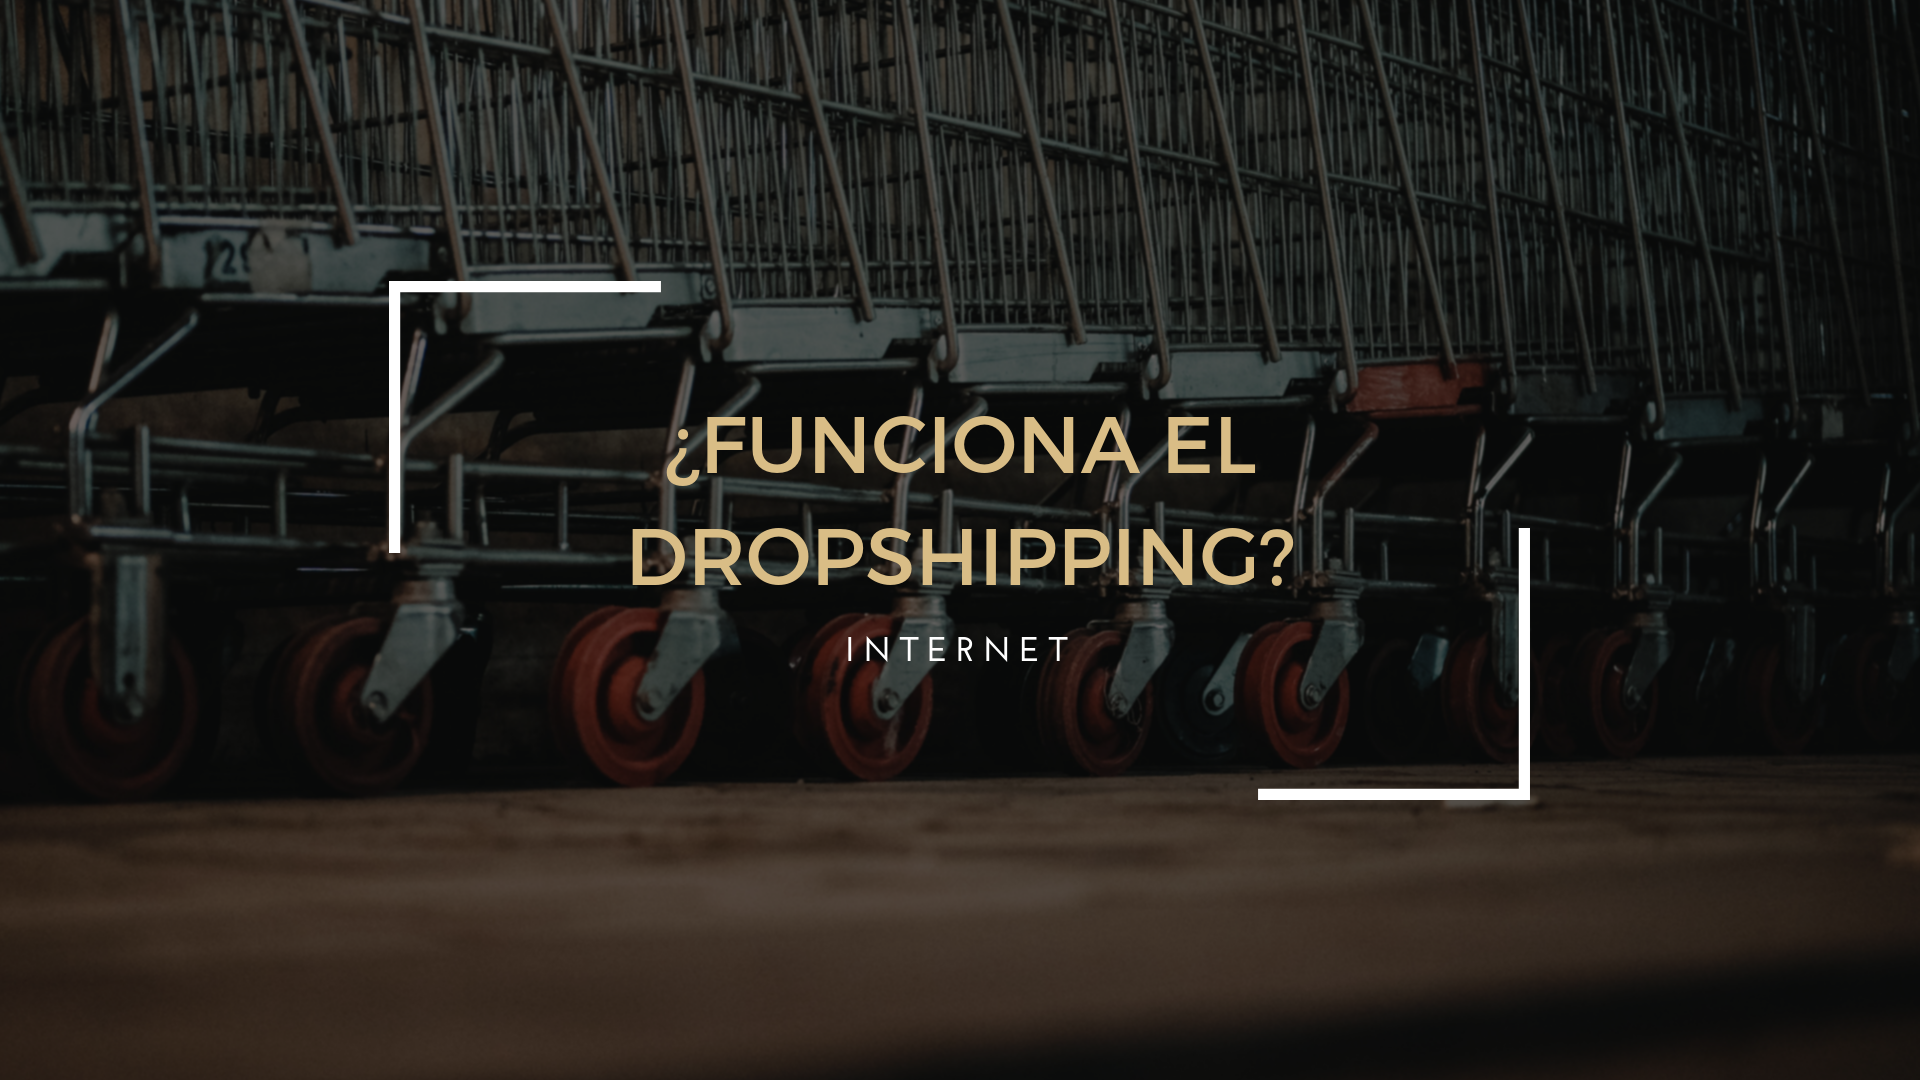 ¿Funciona el Dropshipping?